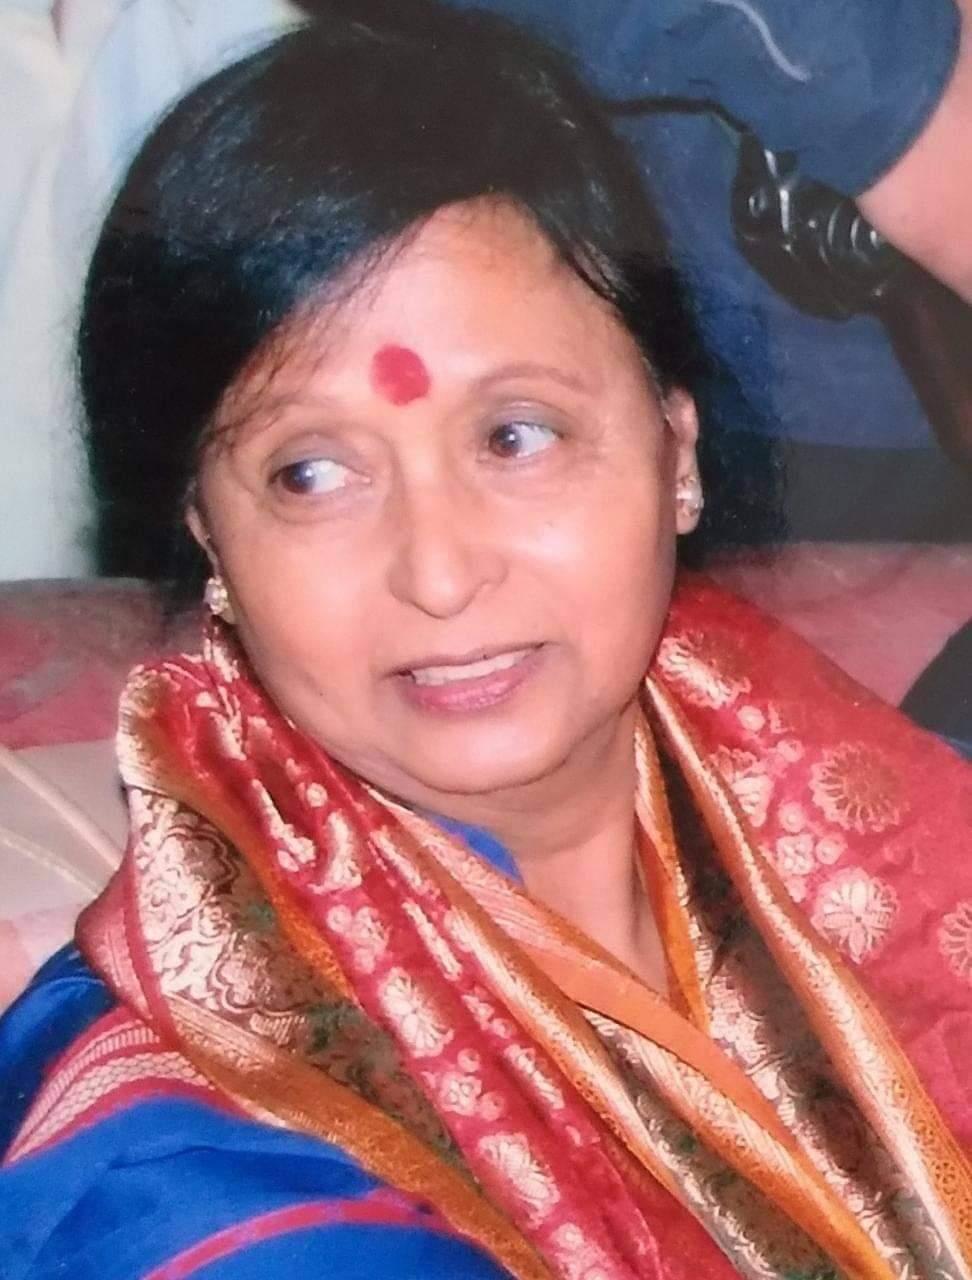 भाजपा नेता व पूर्व मंत्री रही श्यामा शर्मा का 70 वर्ष की उम्र में निधन,